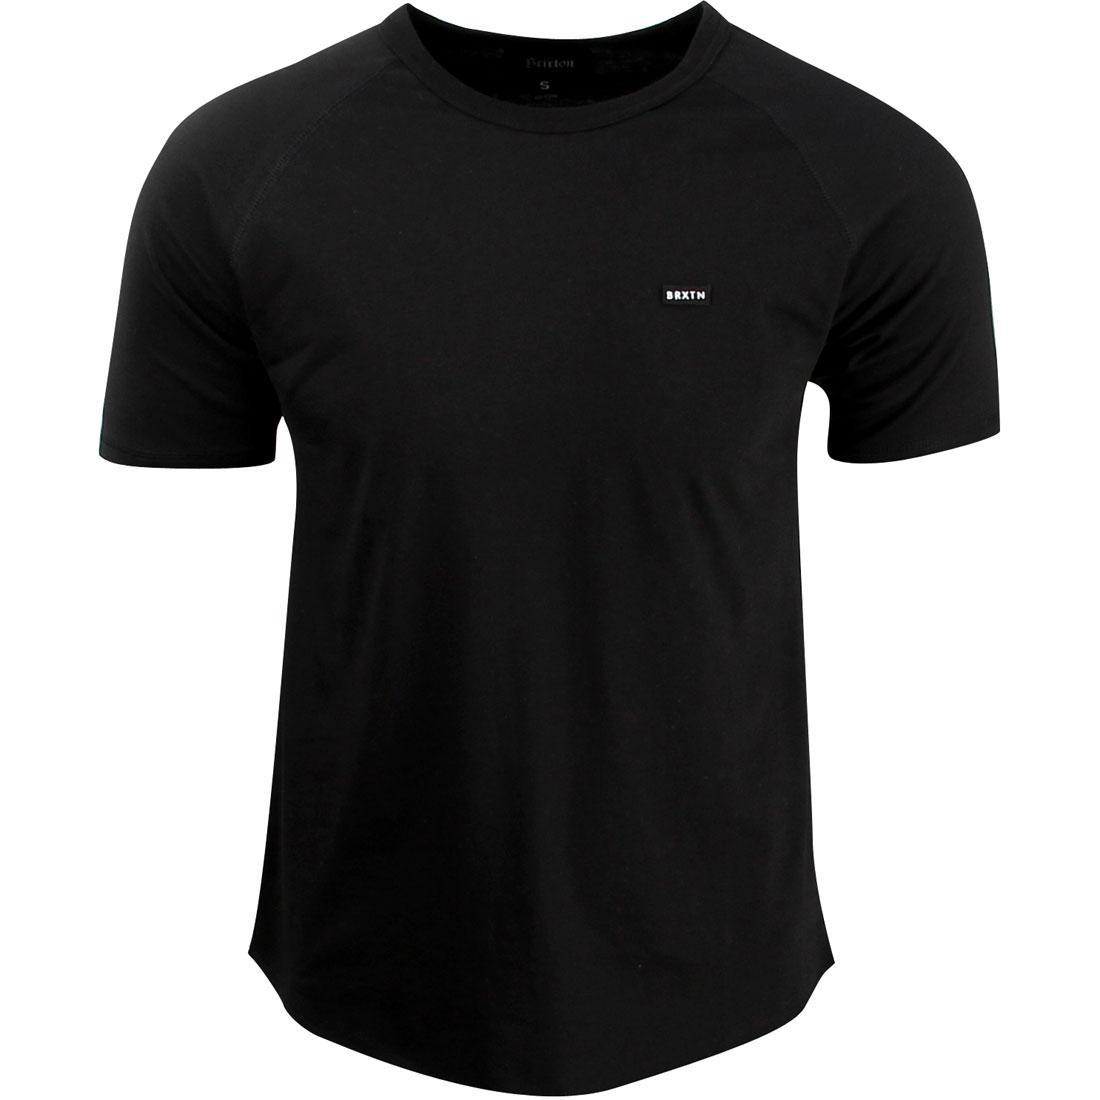 ブリクストン BRIXTON リッチモンド スリーブ ニット Tシャツ 黒 ブラック 【 SLEEVE BLACK BRIXTON RICHMOND II SHORT KNIT TEE 】 メンズファッション トップス Tシャツ カットソー